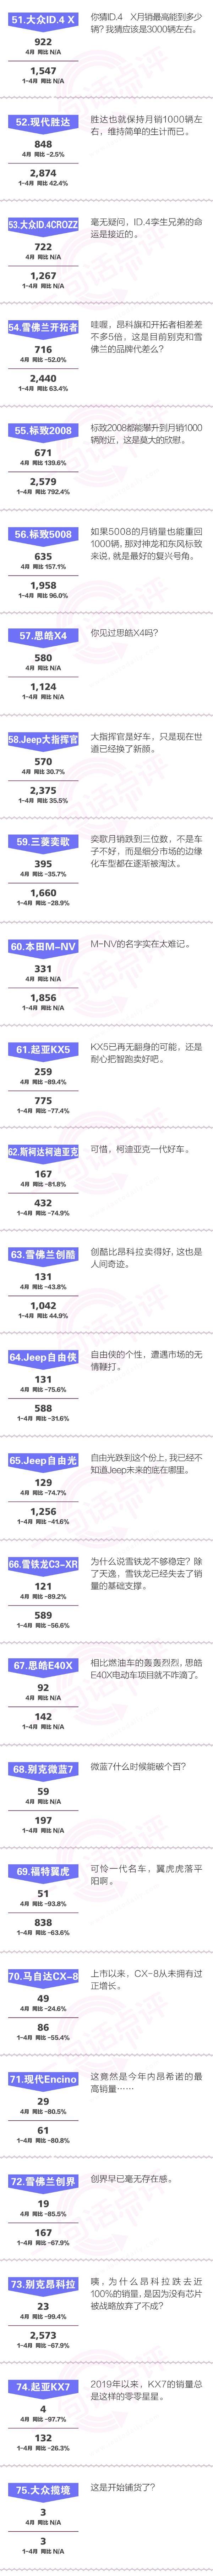 一句话点评4月合资SUV:八款日系SUV占据前十名,另两款竟然是它们!